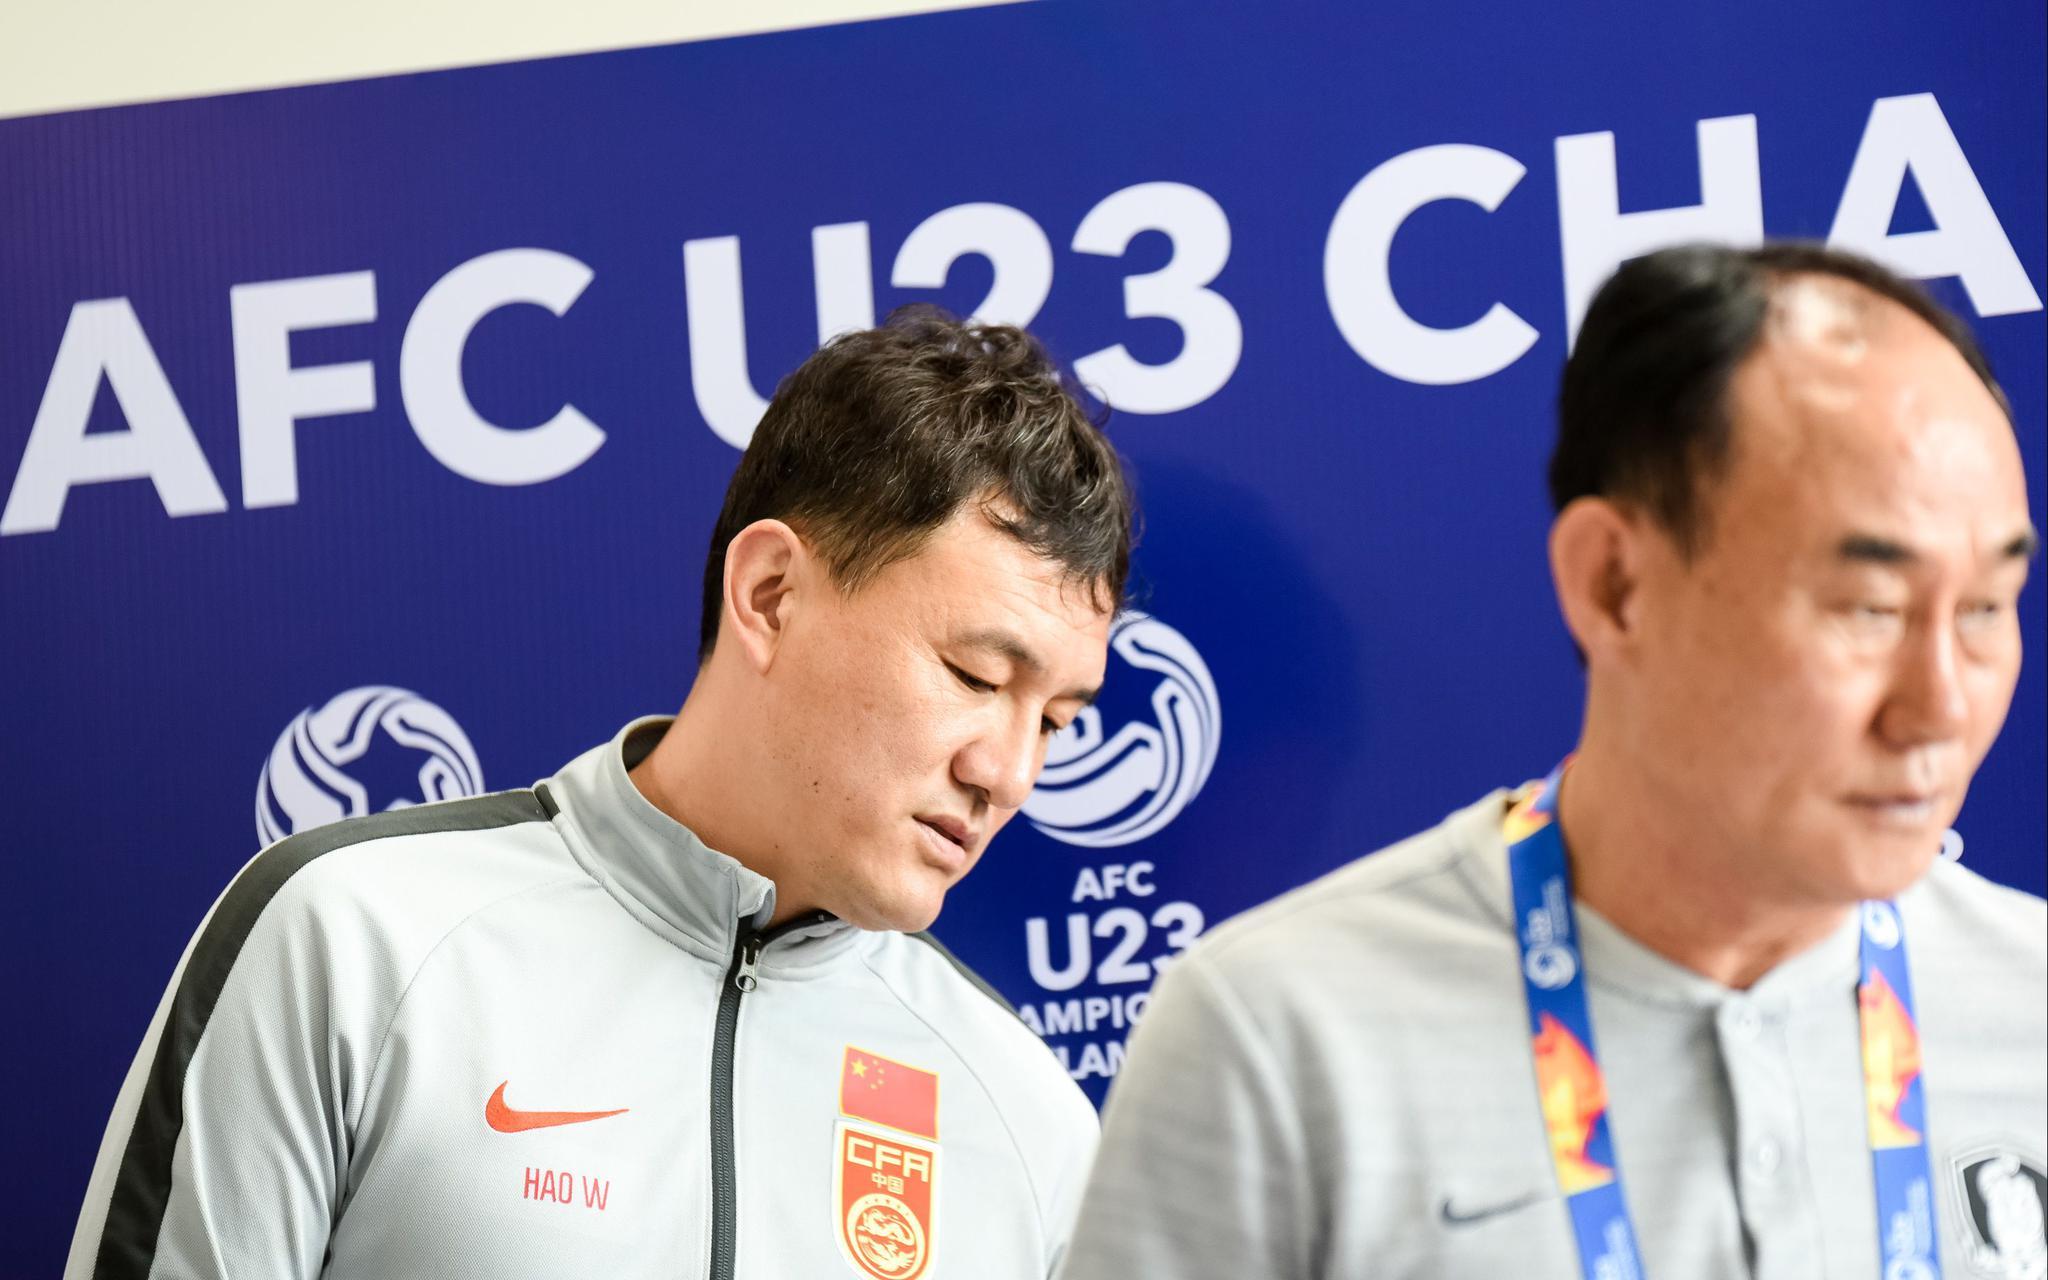 中韩足球明晚再交手,赛前几个细节凸显紧张氛围图片